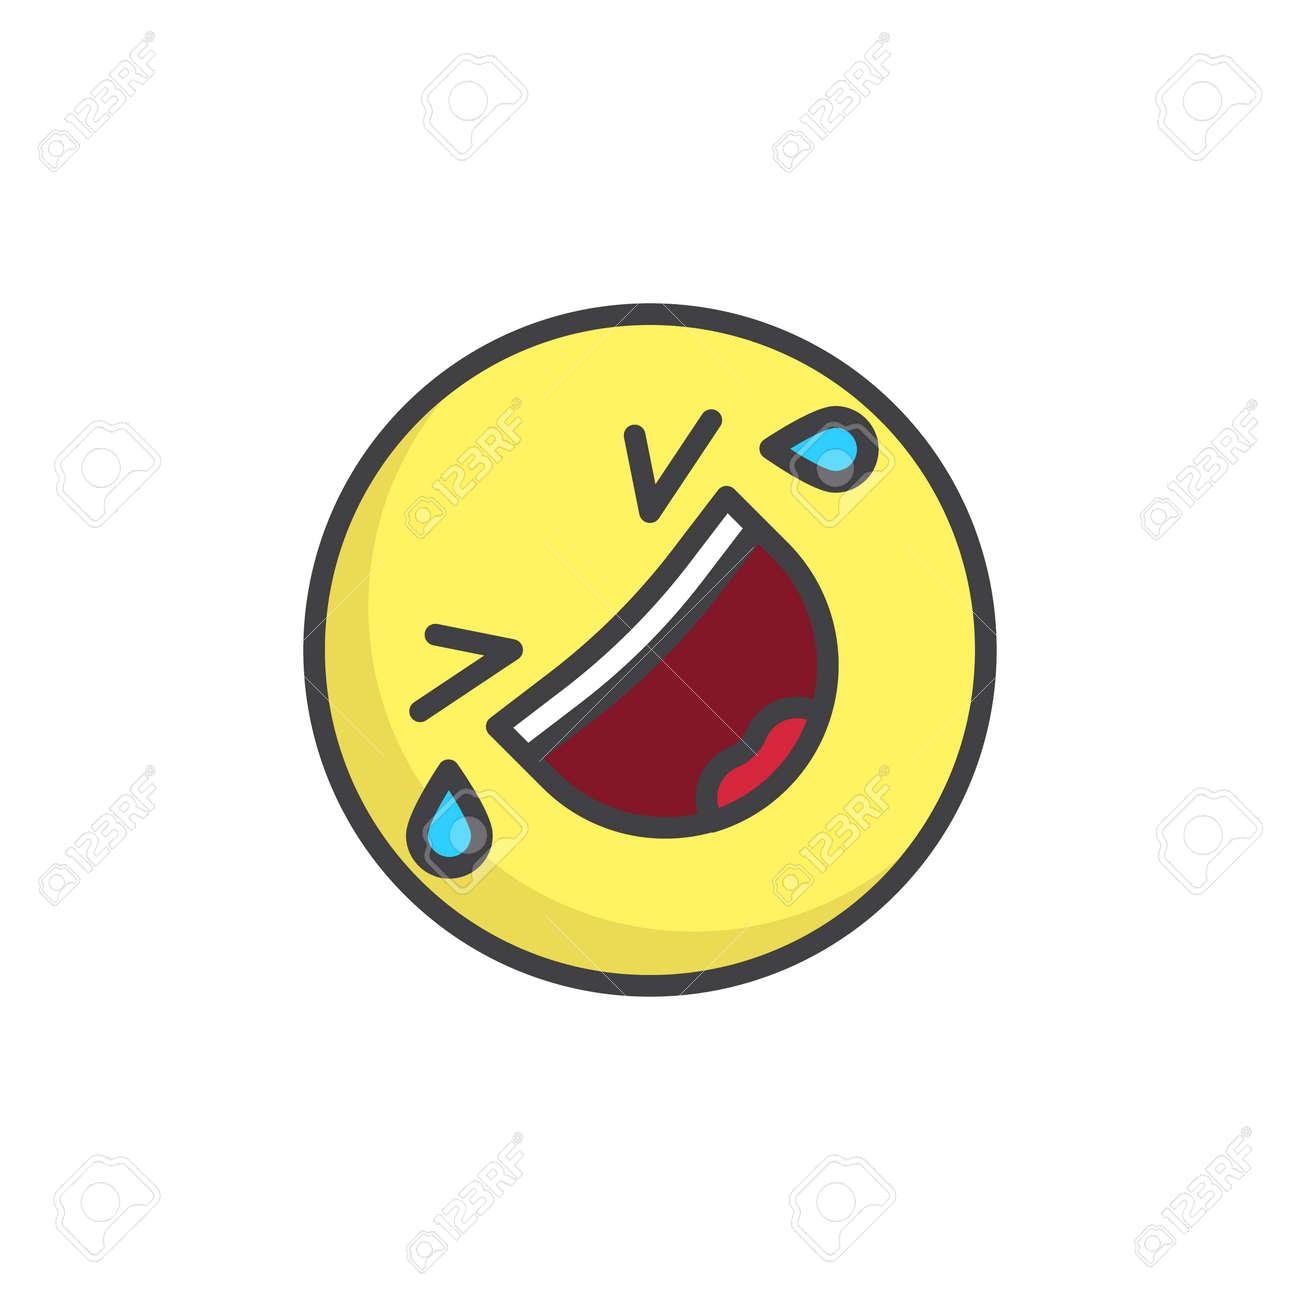 床に転がって笑う顔文字はアウトラインアイコンを塗りつぶし ラインベクトル記号は 線形のカラフルなピクトグラムは 白に分離しました のイラスト素材 ベクタ Image